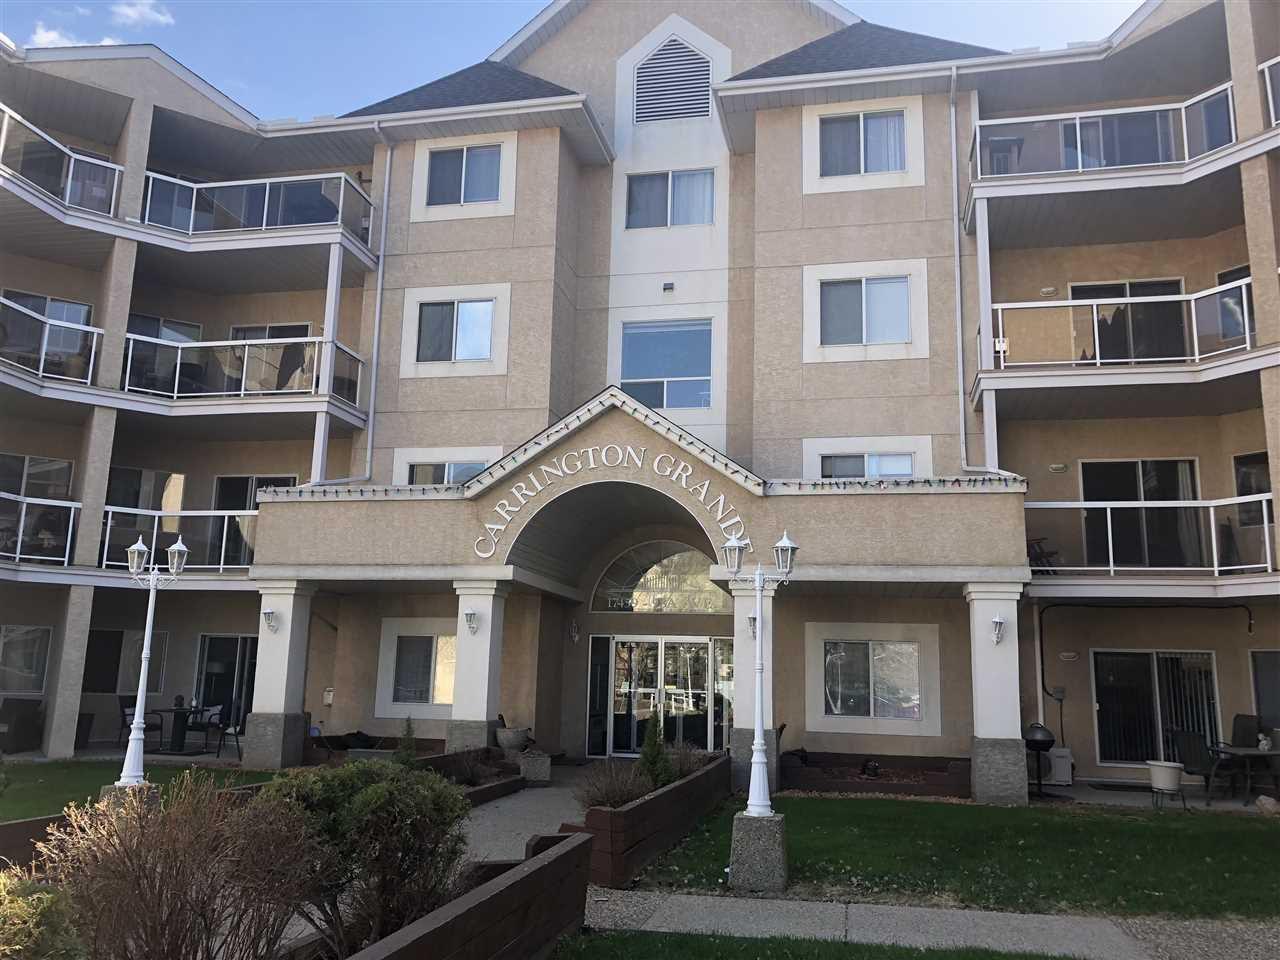 Main Photo: 216 17459 98A Avenue in Edmonton: Zone 20 Condo for sale : MLS®# E4131848